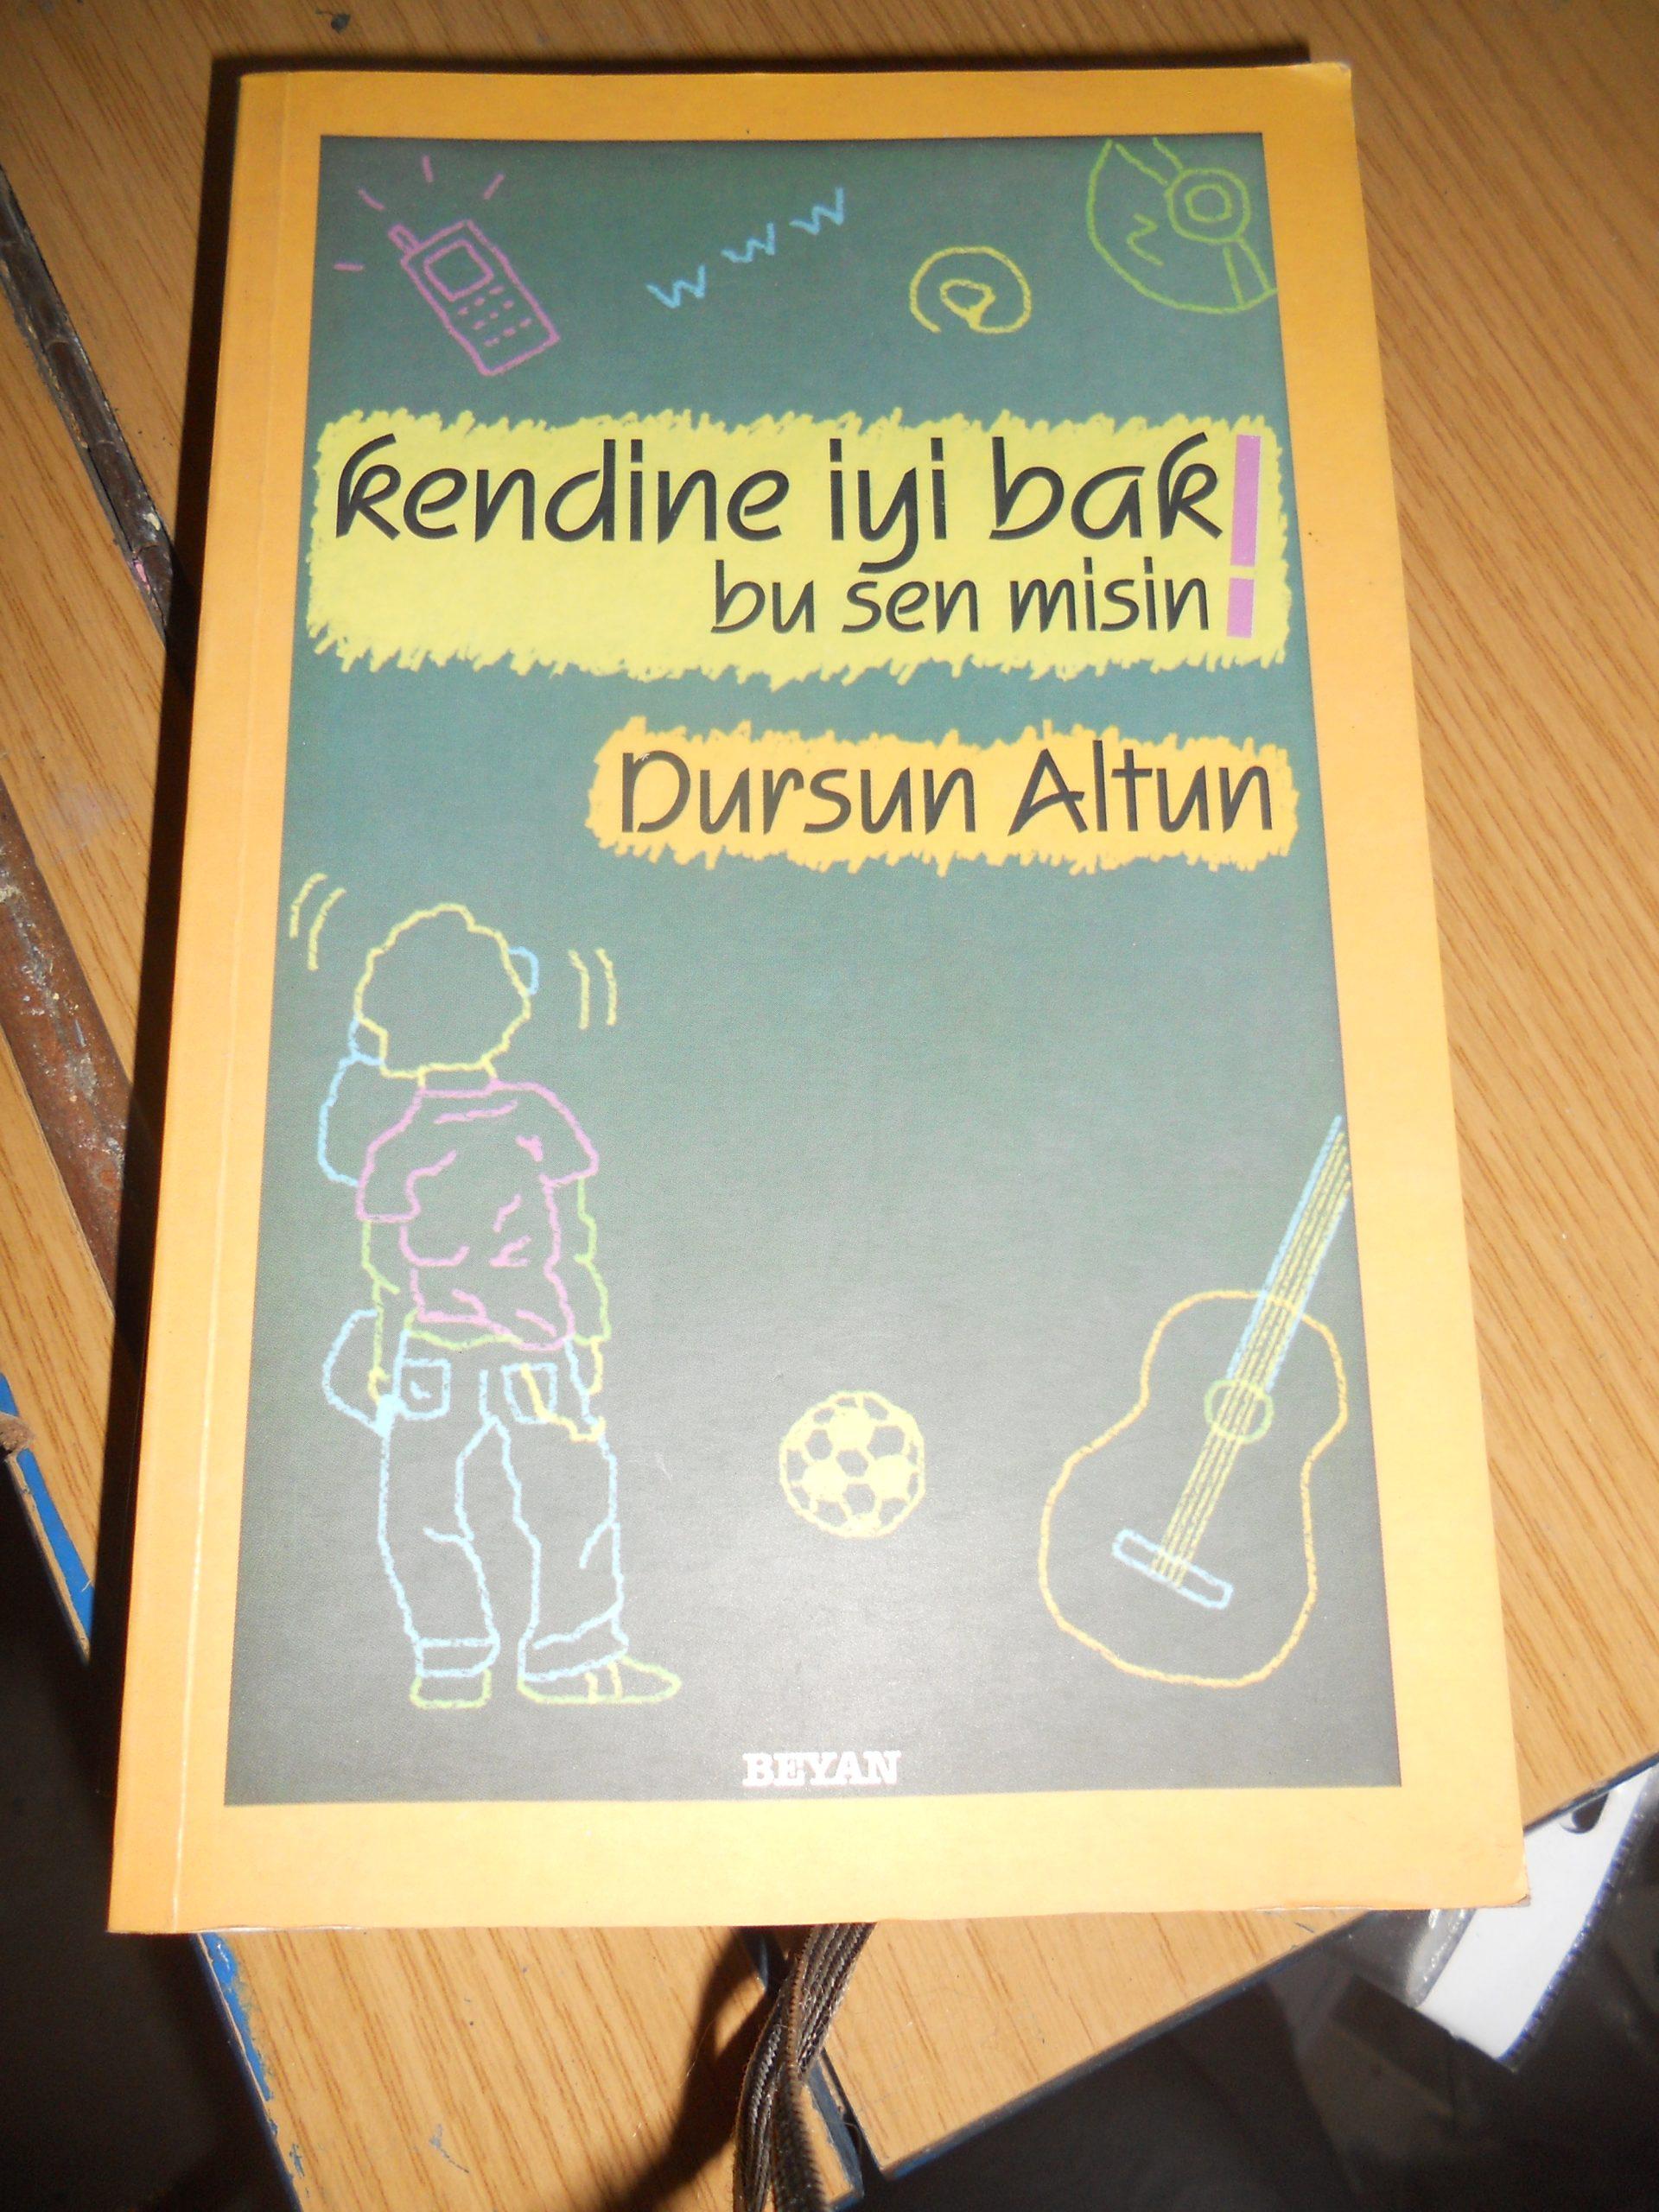 KENDİNE İYİ BAK BU SEN MİSİN/Dursun ALTUN/10 tl